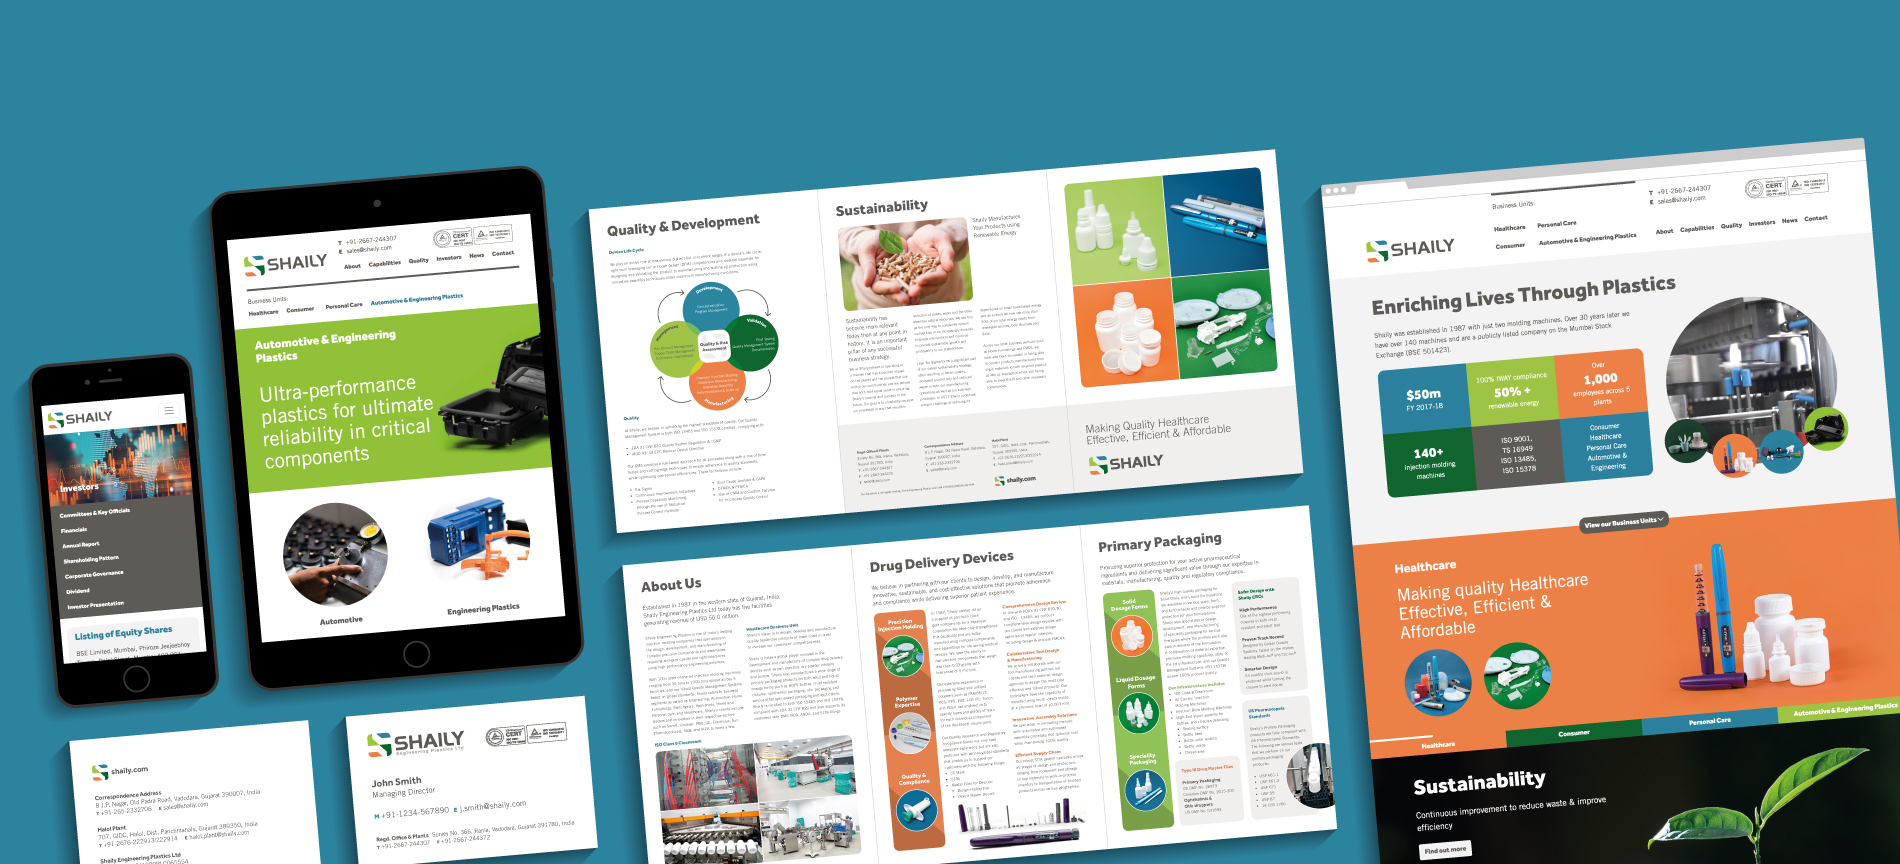 Shaily project images - desktop